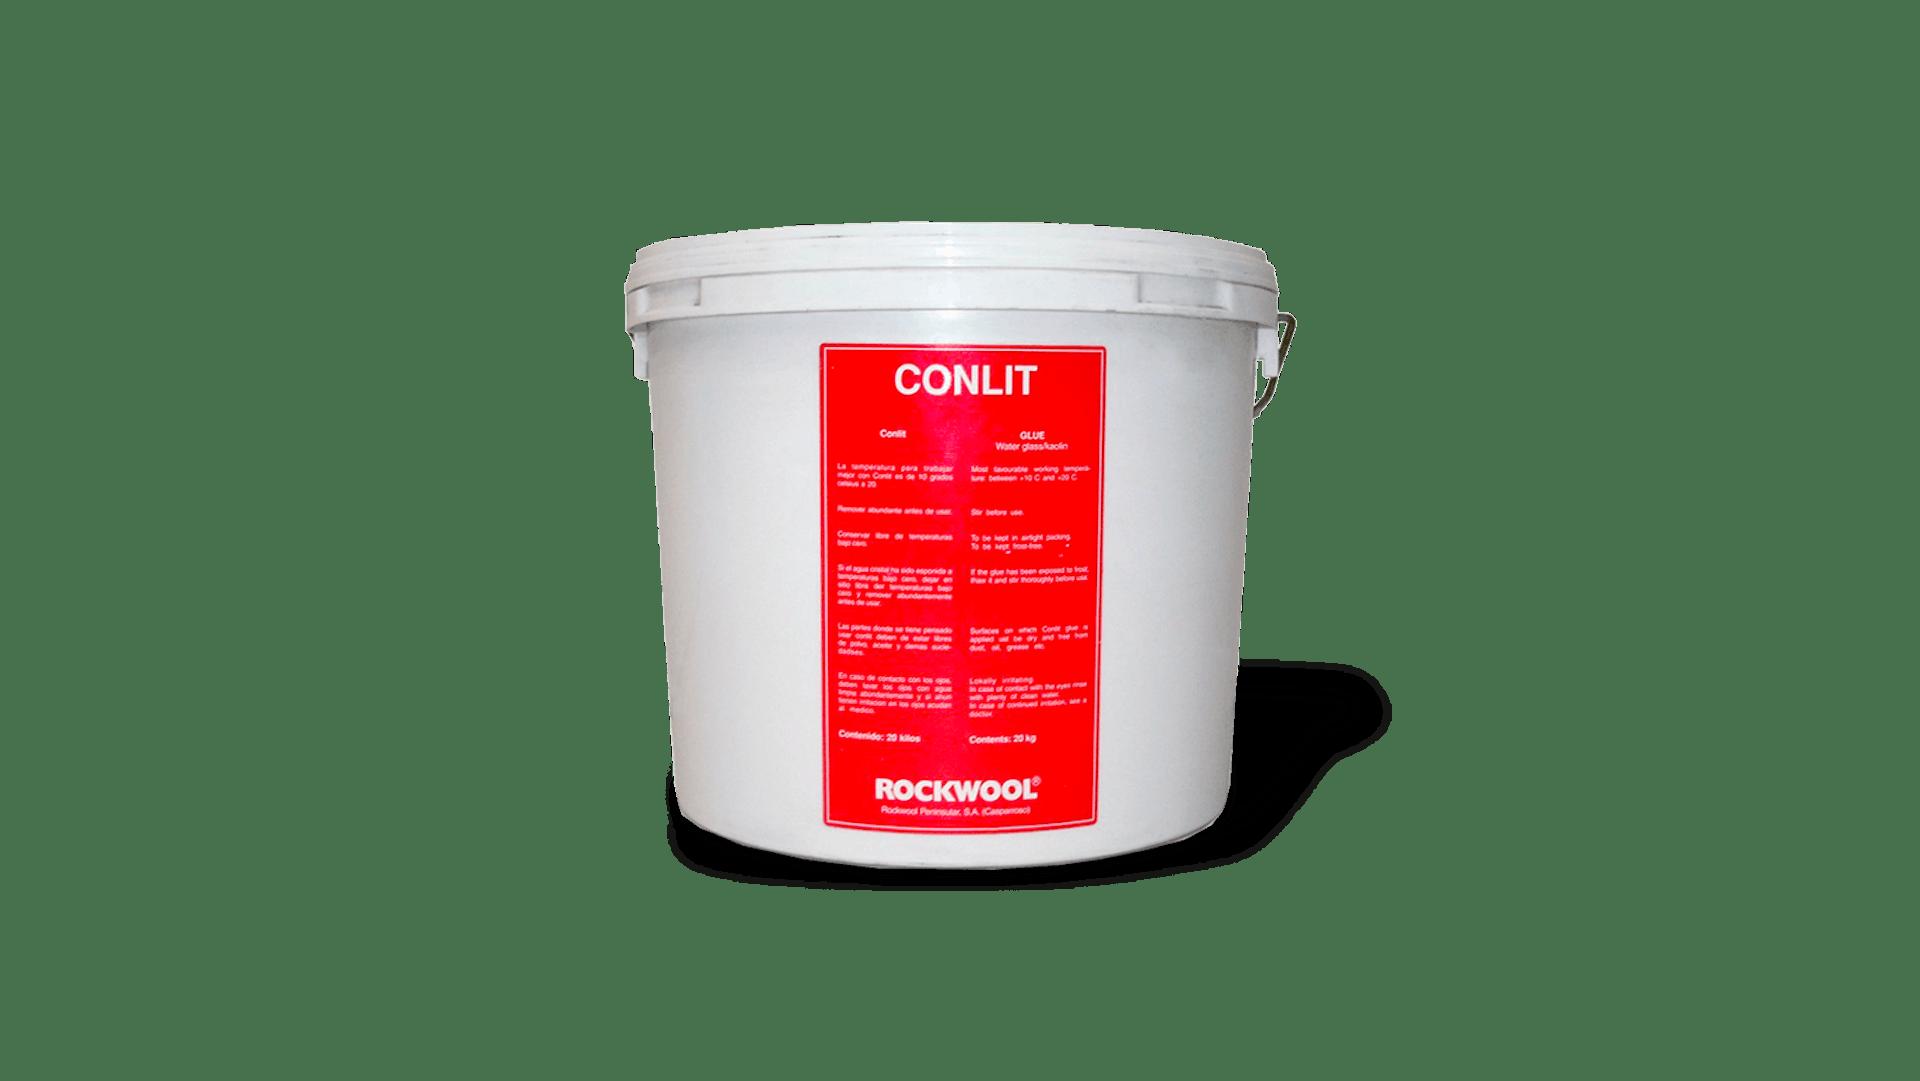 CONLIT 303